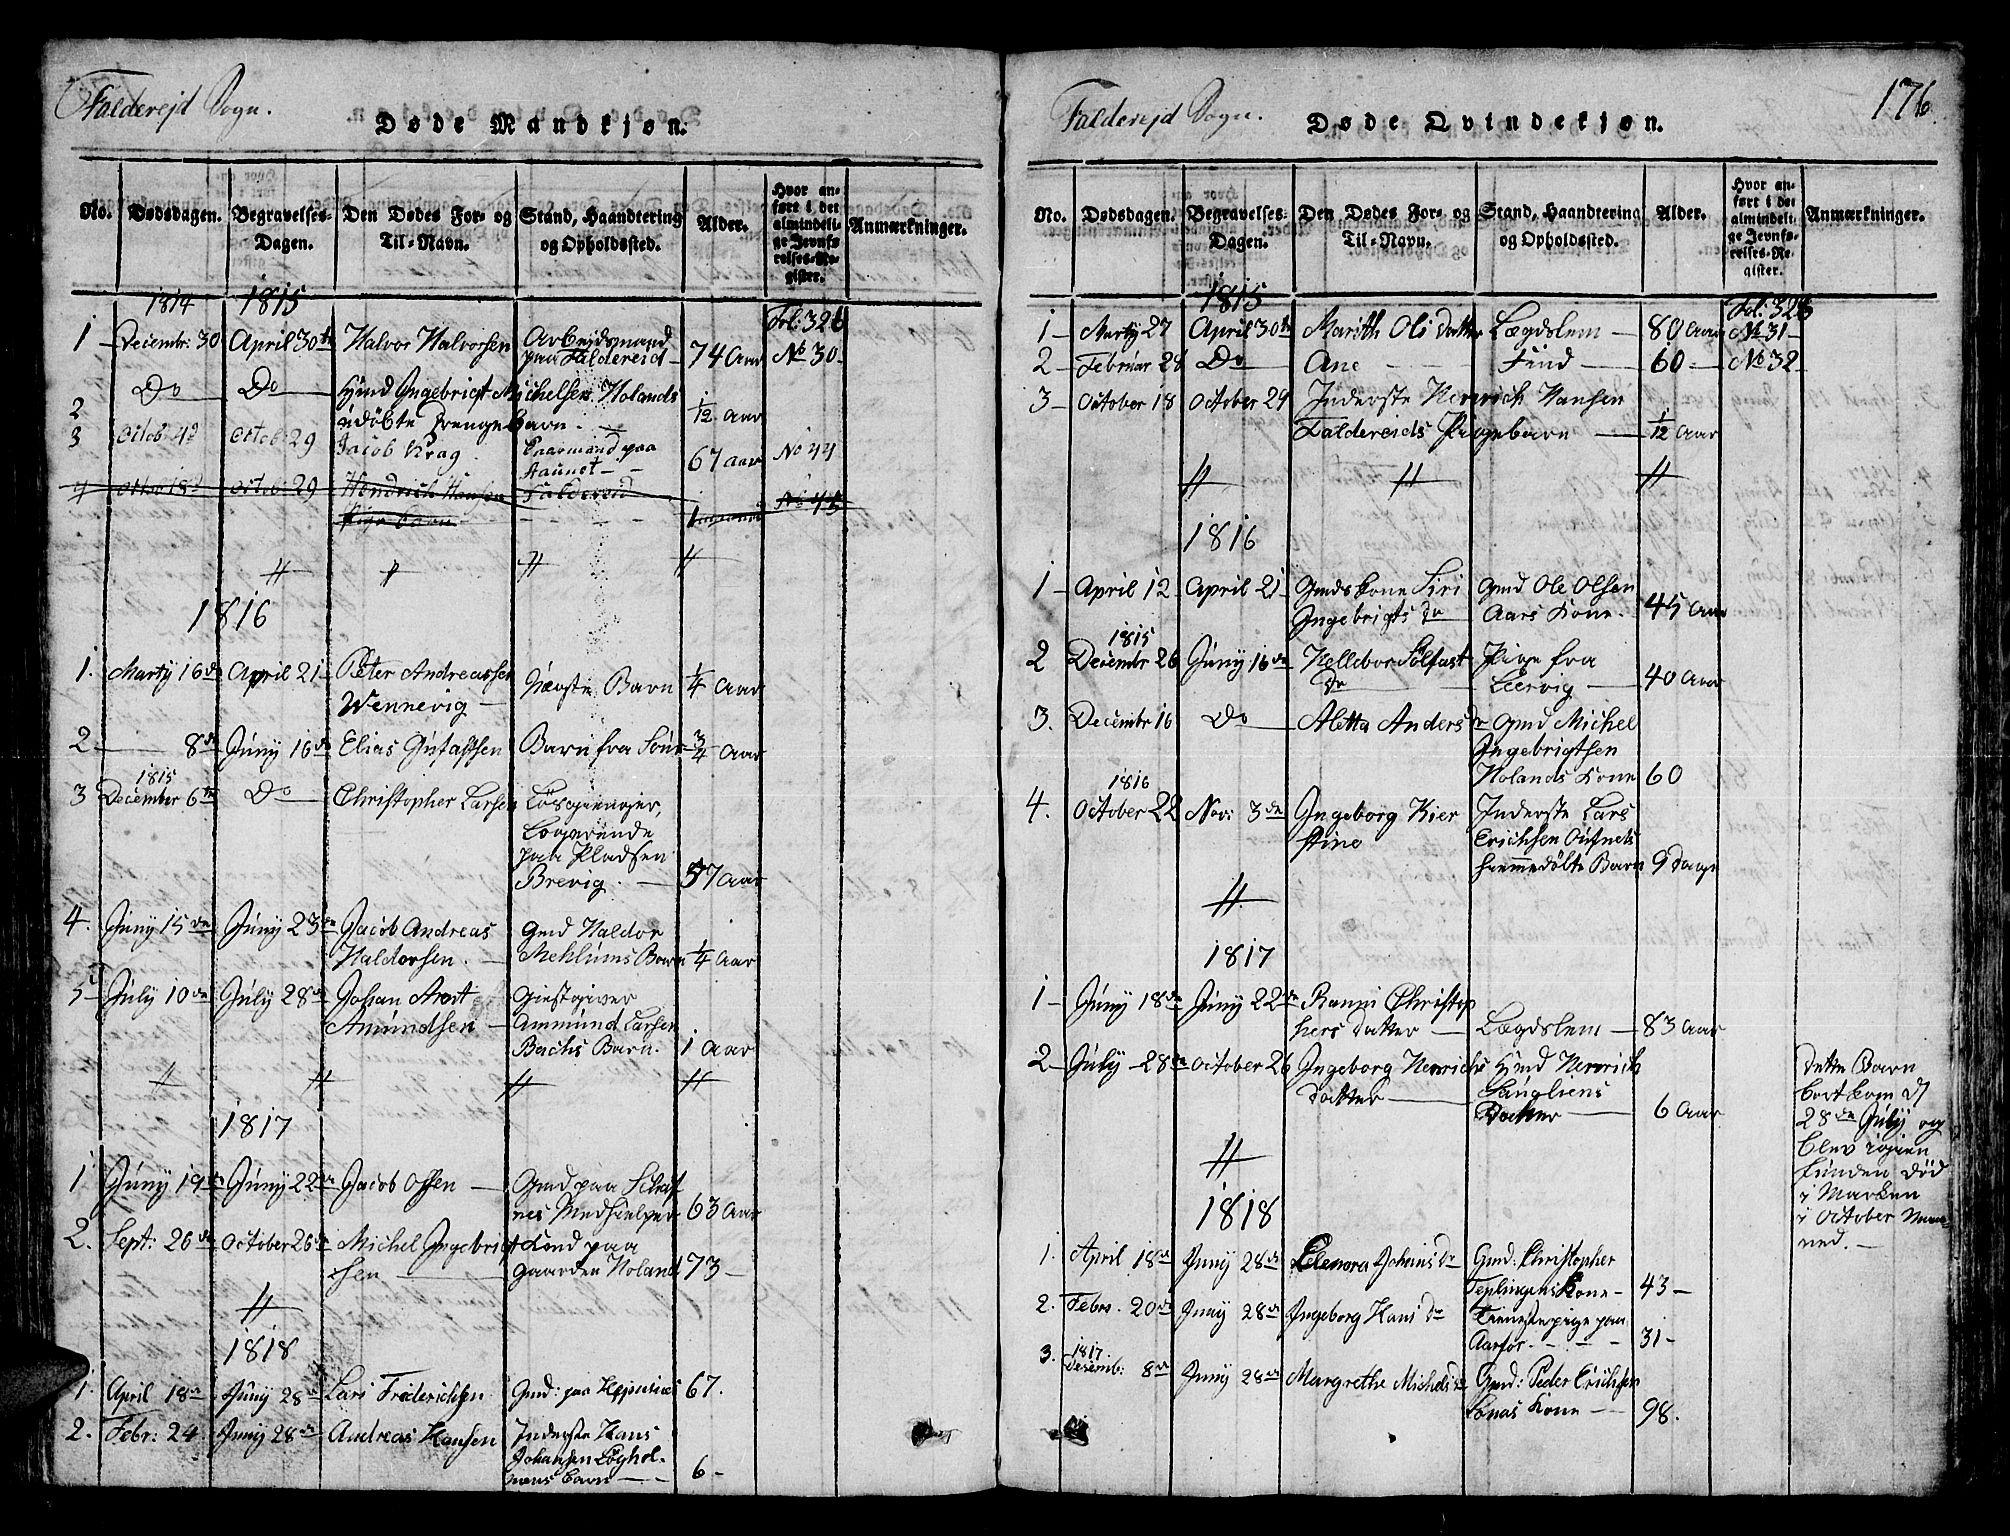 SAT, Ministerialprotokoller, klokkerbøker og fødselsregistre - Nord-Trøndelag, 780/L0648: Klokkerbok nr. 780C01 /3, 1815-1877, s. 176